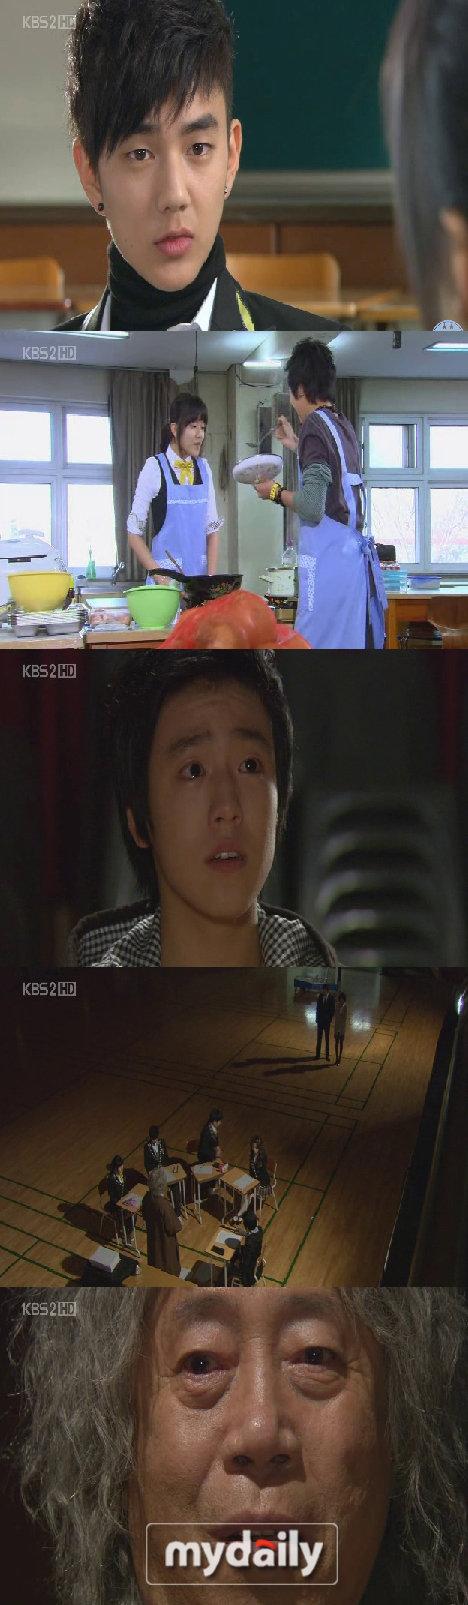 韩国KBS台电视剧《功课之神》蝉联收视冠军